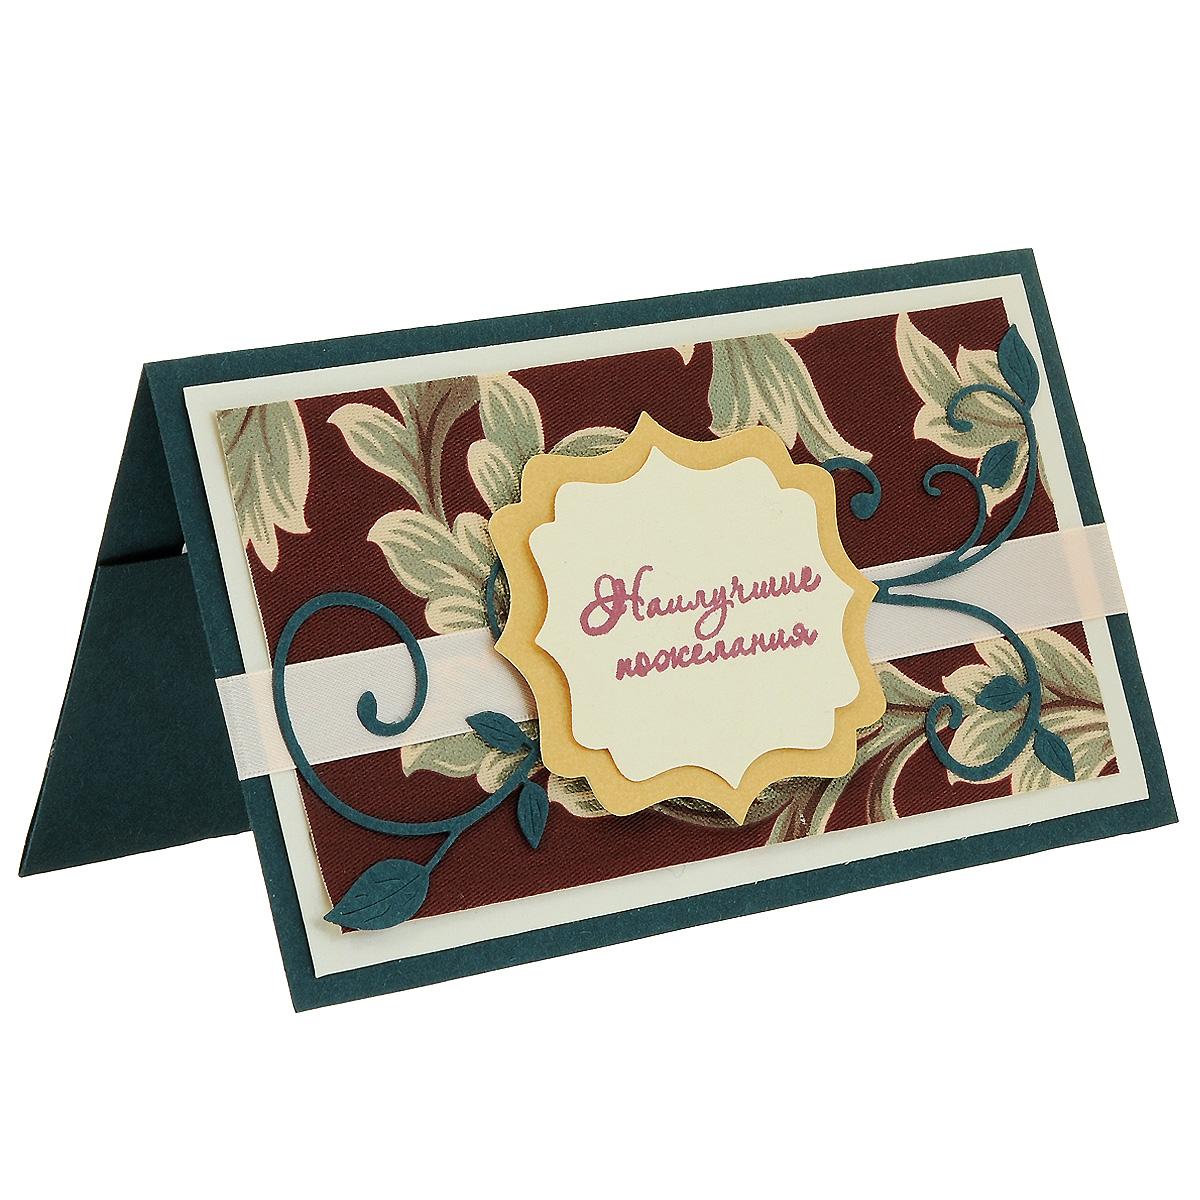 ОРАЗ-0008 Открытка-конверт «Наилучшие пожелания». (бордовый с шелковым рисунком). Студия «Тётя Роза»95001Характеристики: Размер 19 см x 11 см.Материал: Высоко-художественный картон, бумага, декор. Данная открытка может стать как прекрасным дополнением к вашему подарку, так и самостоятельным подарком. Так как открытка является и конвертом, в который вы можете вложить ваш денежный подарок или просто написать ваши пожелания на вкладыше. Бархатистая благородность бордовой фактуры фона данного конверта сочетается с золотом таблички с надписью, которая несет в себе самые наилучшие пожелания. Зеленый ажурный вензель и атласная лента удачно подчеркивают изысканность вкуса. Конверт универсально подойдет к любому торжественному случаю. Также открытка упакована в пакетик для сохранности.Обращаем Ваше внимание на то, что открытка может незначительно отличаться от представленной на фото. Открытки ручной работы от студии Тётя Роза отличаются своим неповторимым и ярким стилем. Каждая уникальна и выполнена вручную мастерами студии. (Открытка для мужчин, открытка для женщины, открытка на день рождения, открытка с днем свадьбы, открытка винтаж, открытка с юбилеем, открытка на все случаи, скрапбукинг)